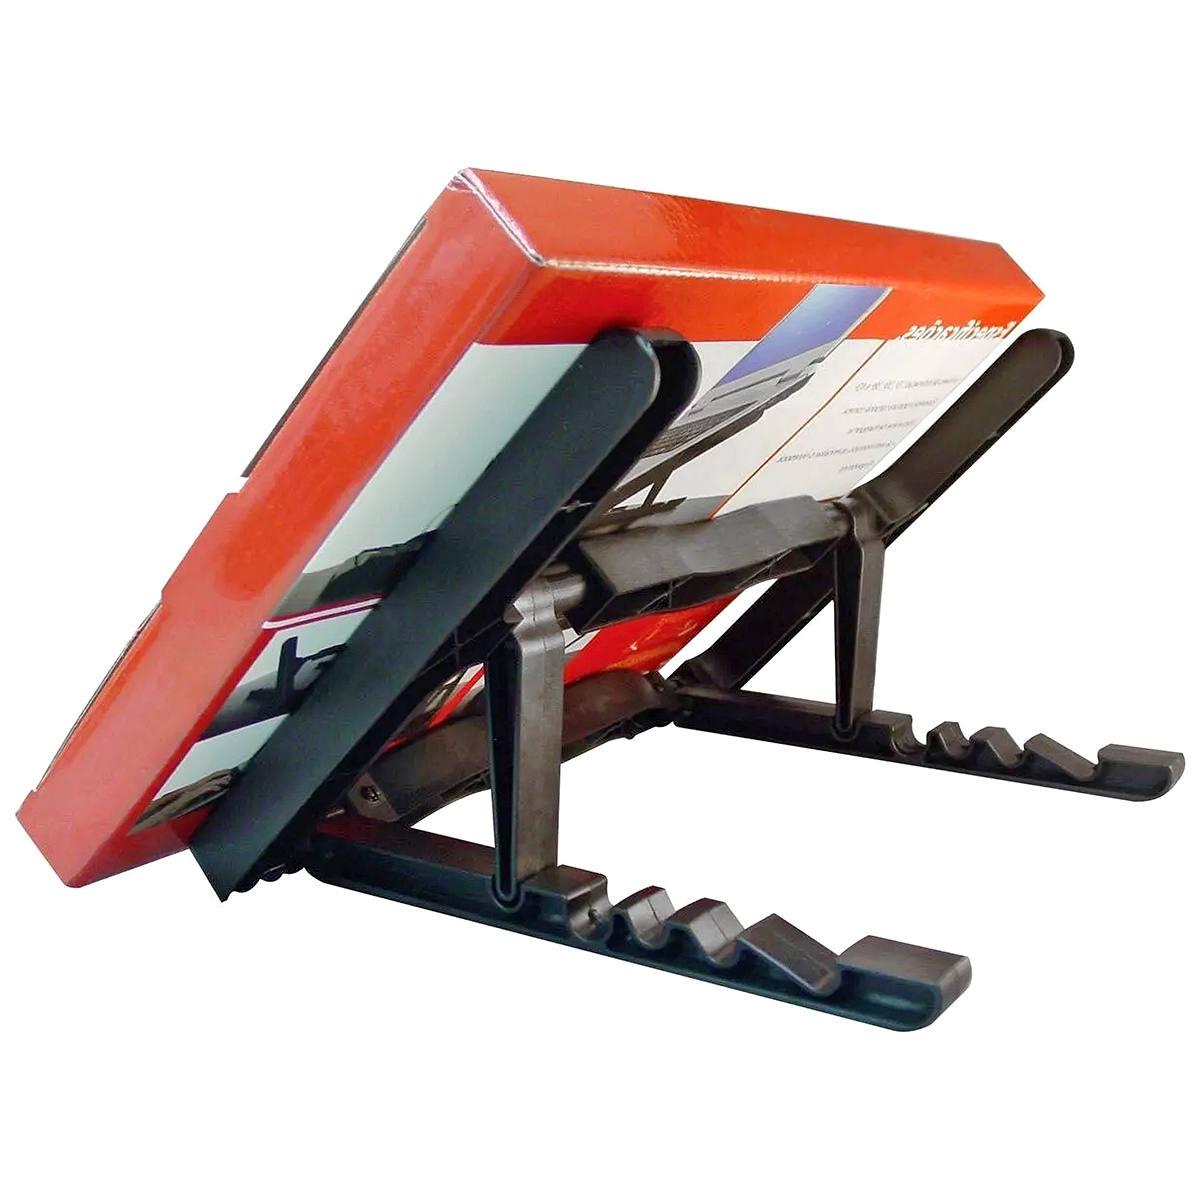 Suporte para Notebook com 4 Níveis de Inclinação até 45 graus Leve e Resistente Masticmol ST35 Preto